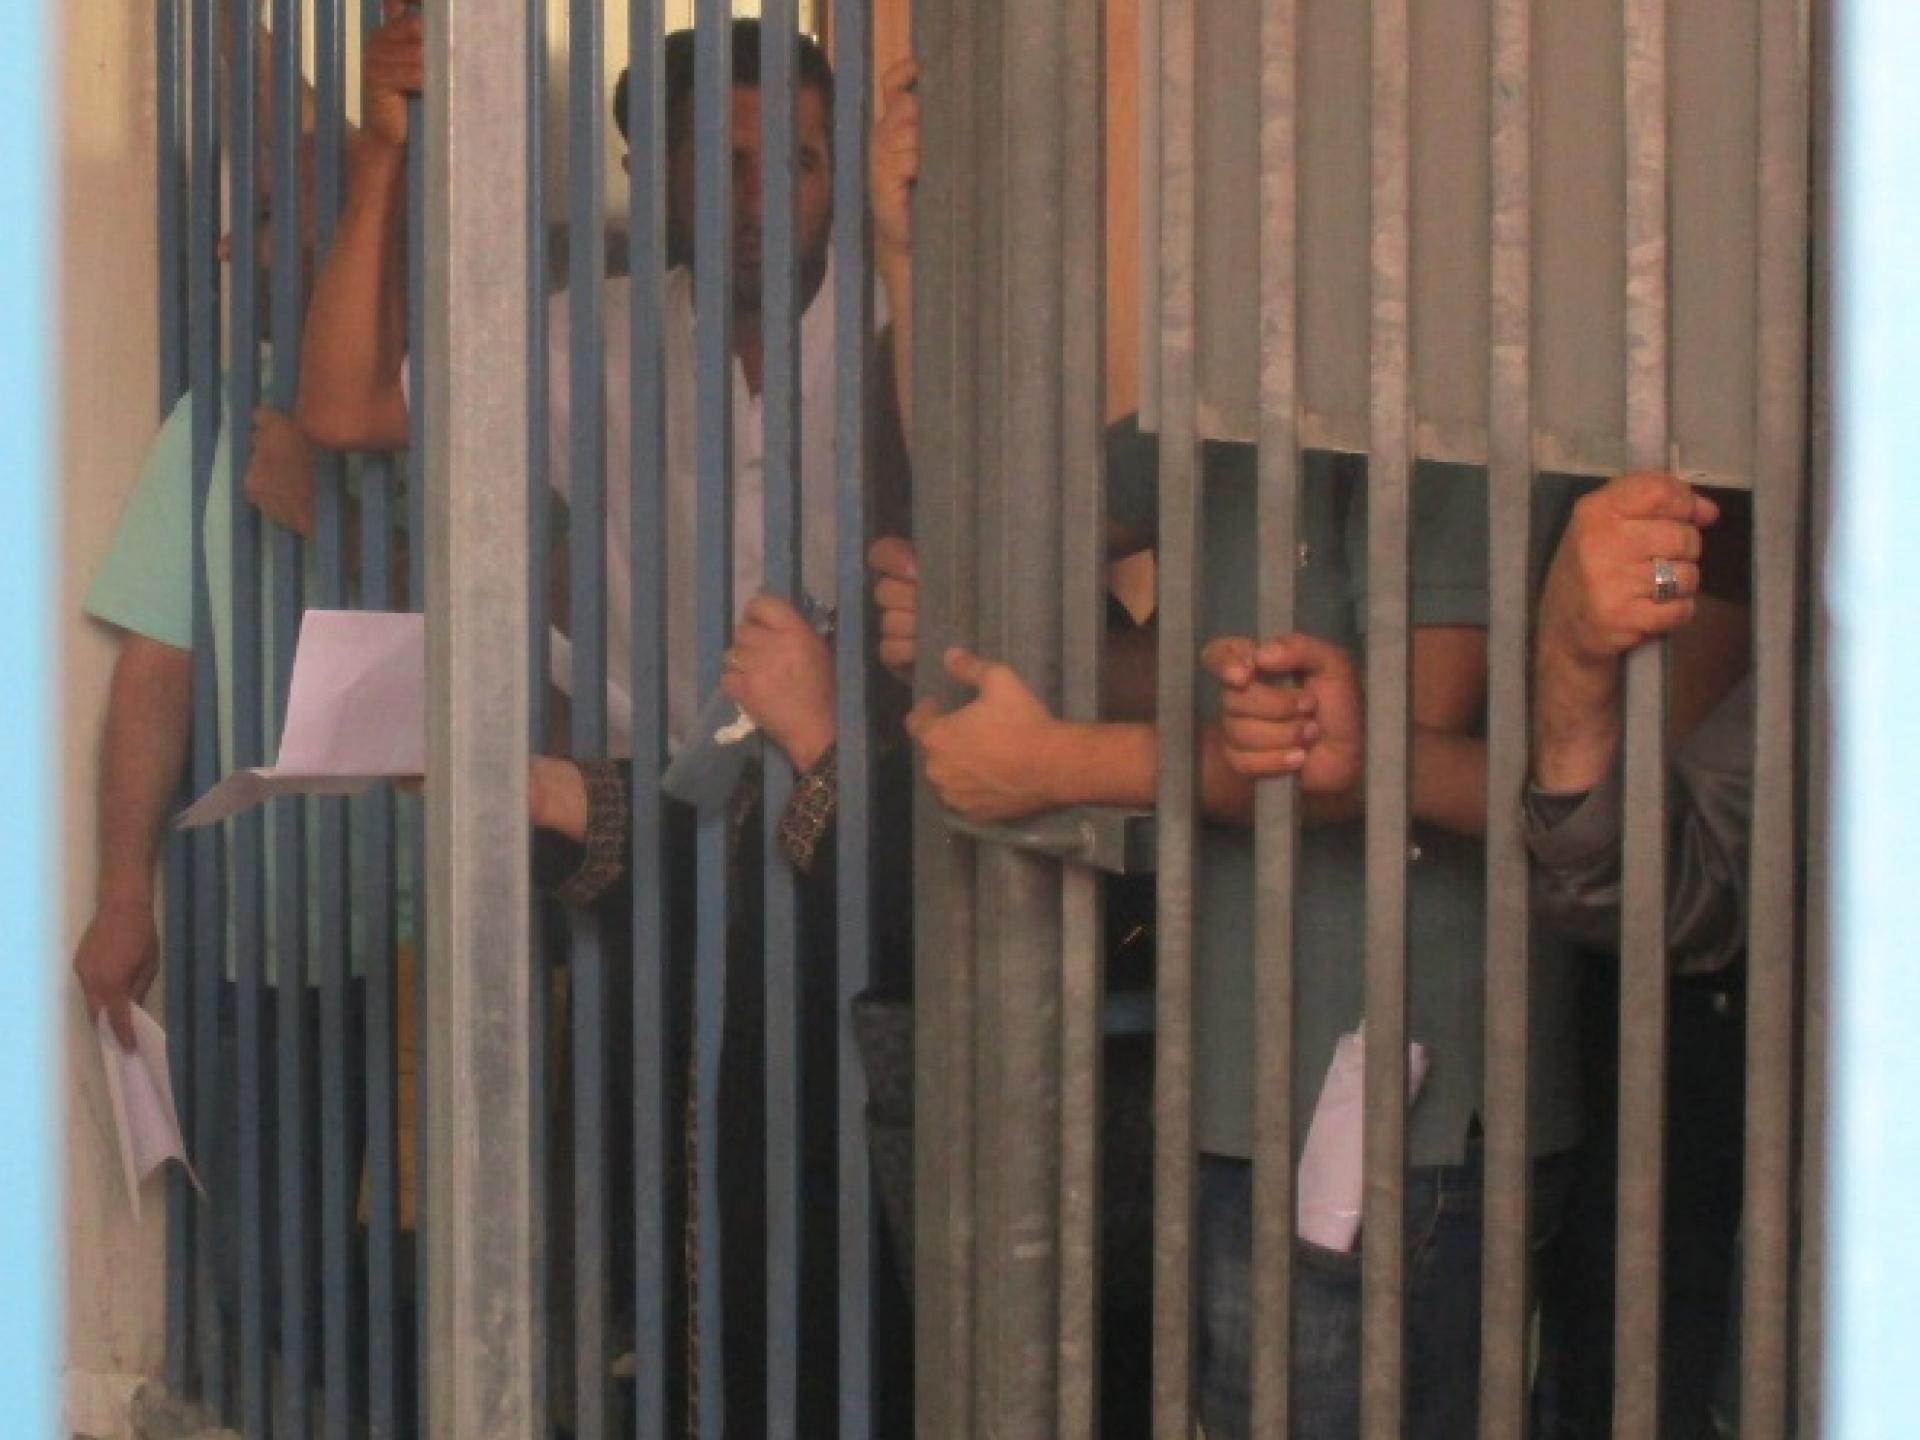 השערים נסגרו לפני השעה 4:00. אנשים המשיכו להושיט ידיים